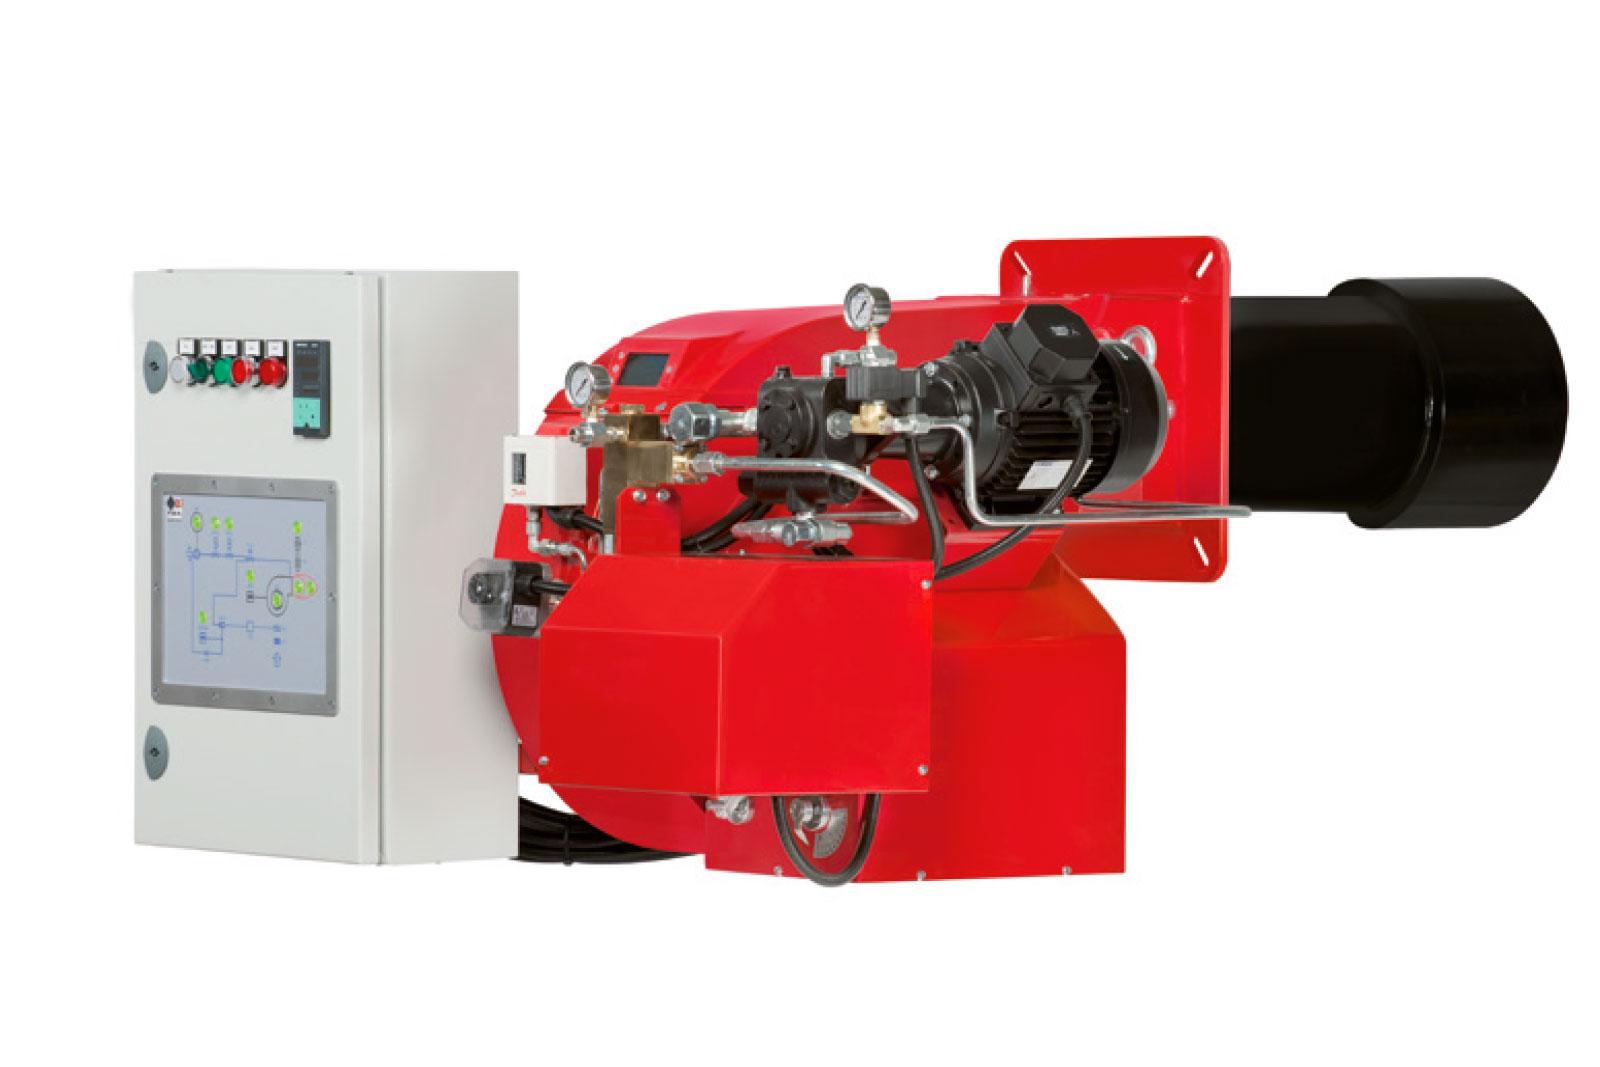 quemador-cremax-gasoleo-3-llamas-progresivos-y-modulantes-700kw-a-14244Kw-flamax-eficiencia-energetica-ppal